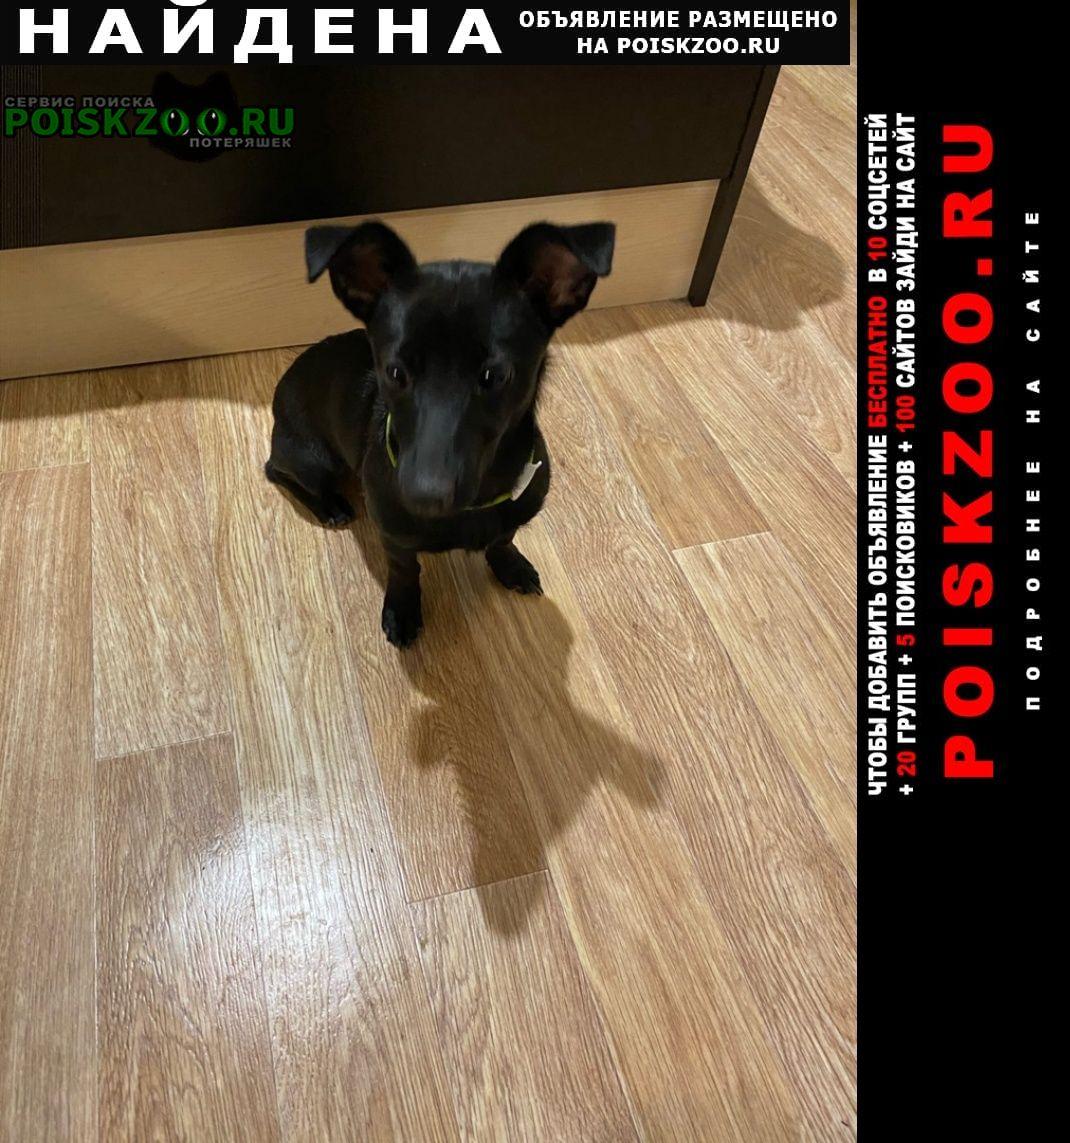 Найдена собака на кмр маленькая черная собачка Краснодар